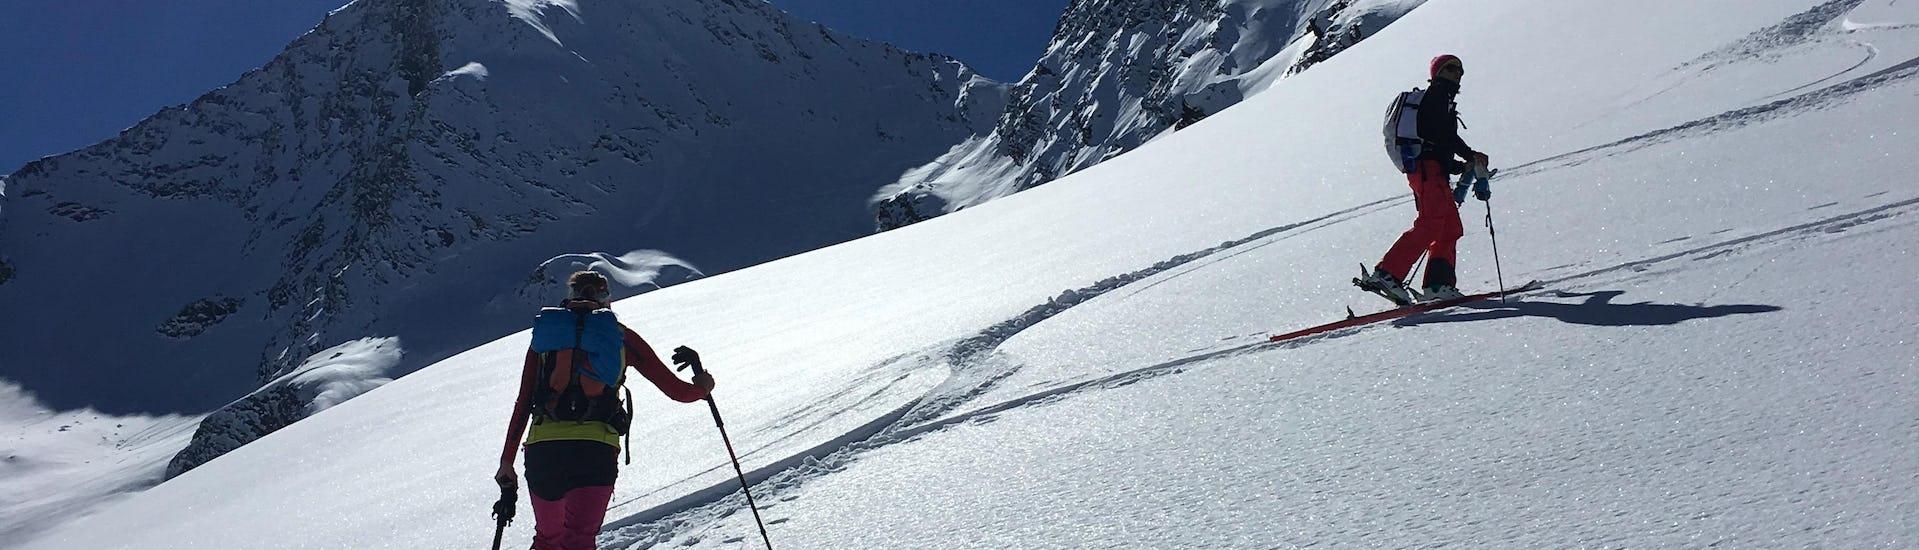 Ski Touring Private - Intermediate to Advanced